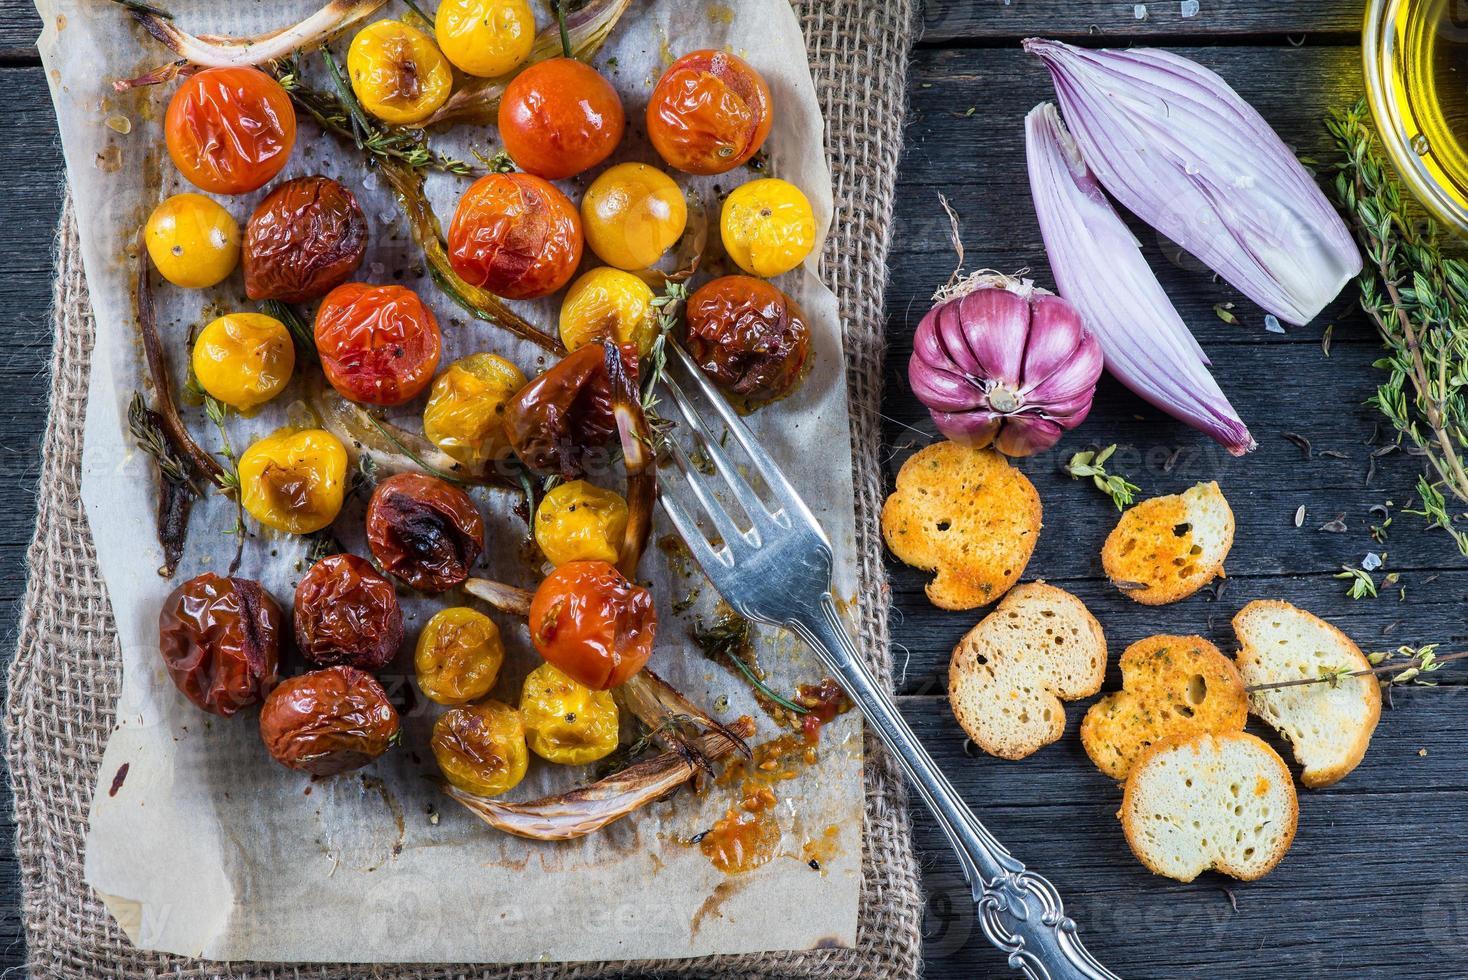 almoçar saudável com legumes assados frescos da primavera foto